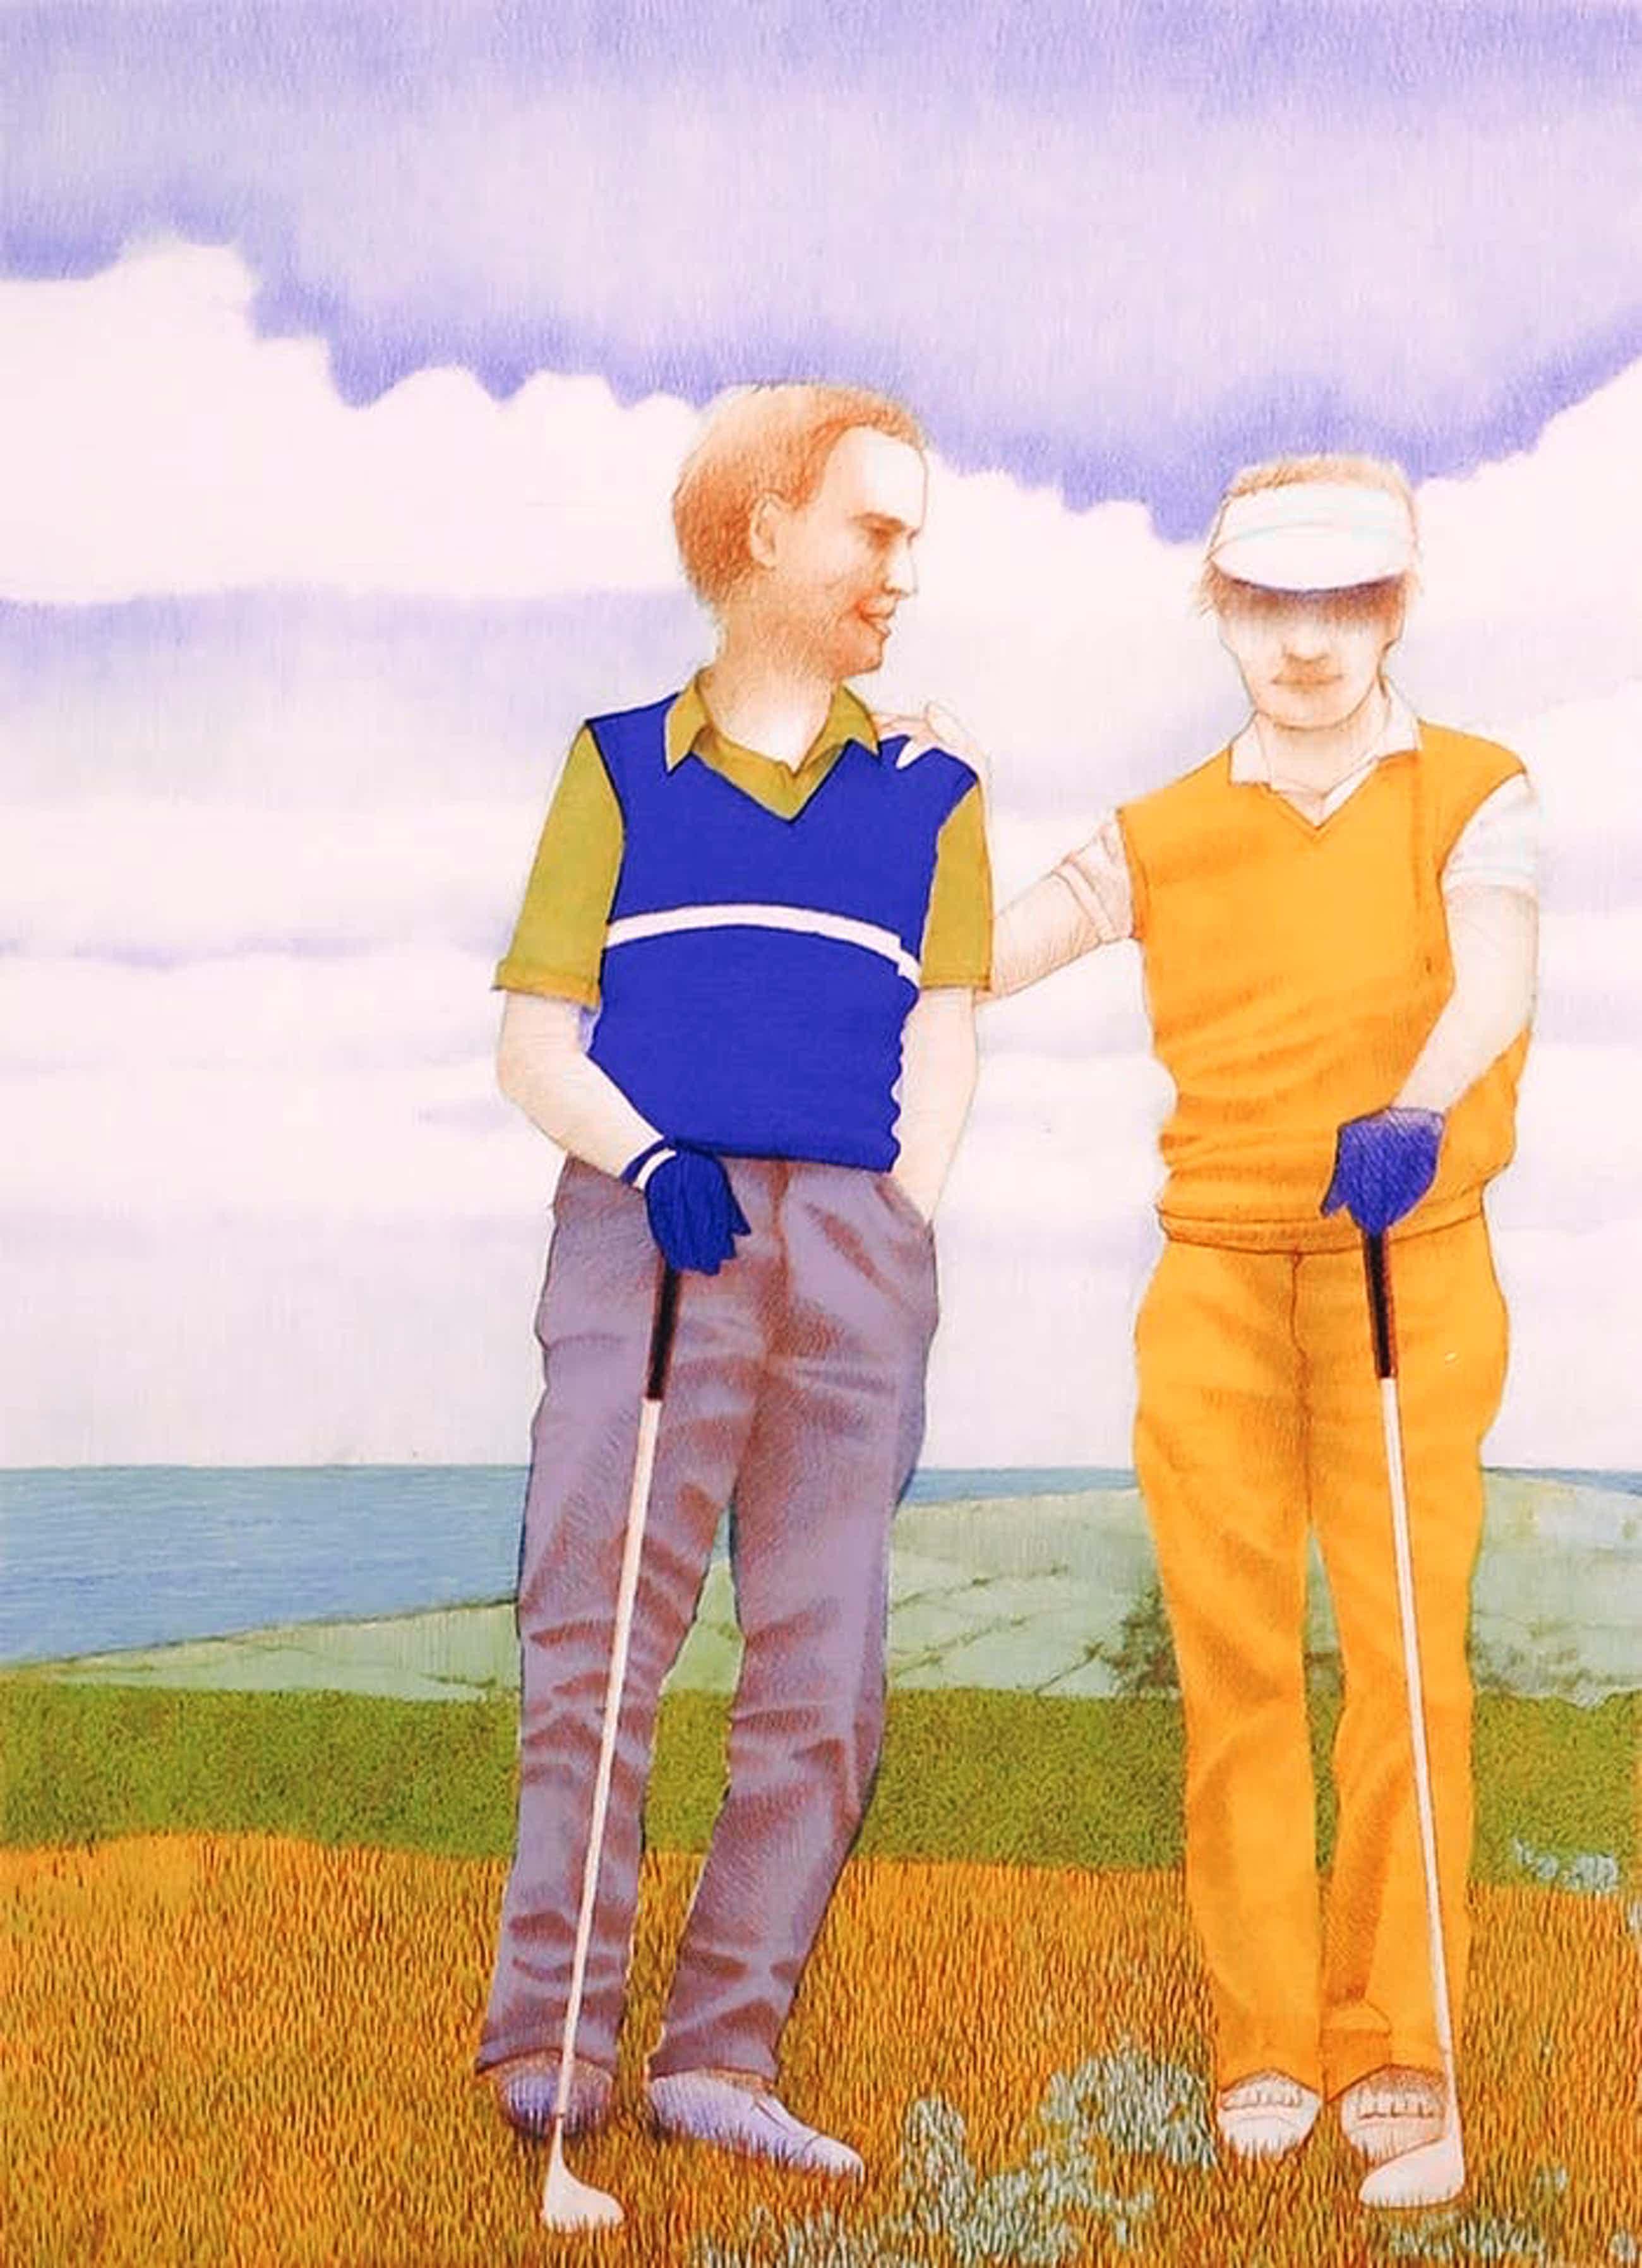 Aat Verhoog - Litho, About golf kopen? Bied vanaf 70!